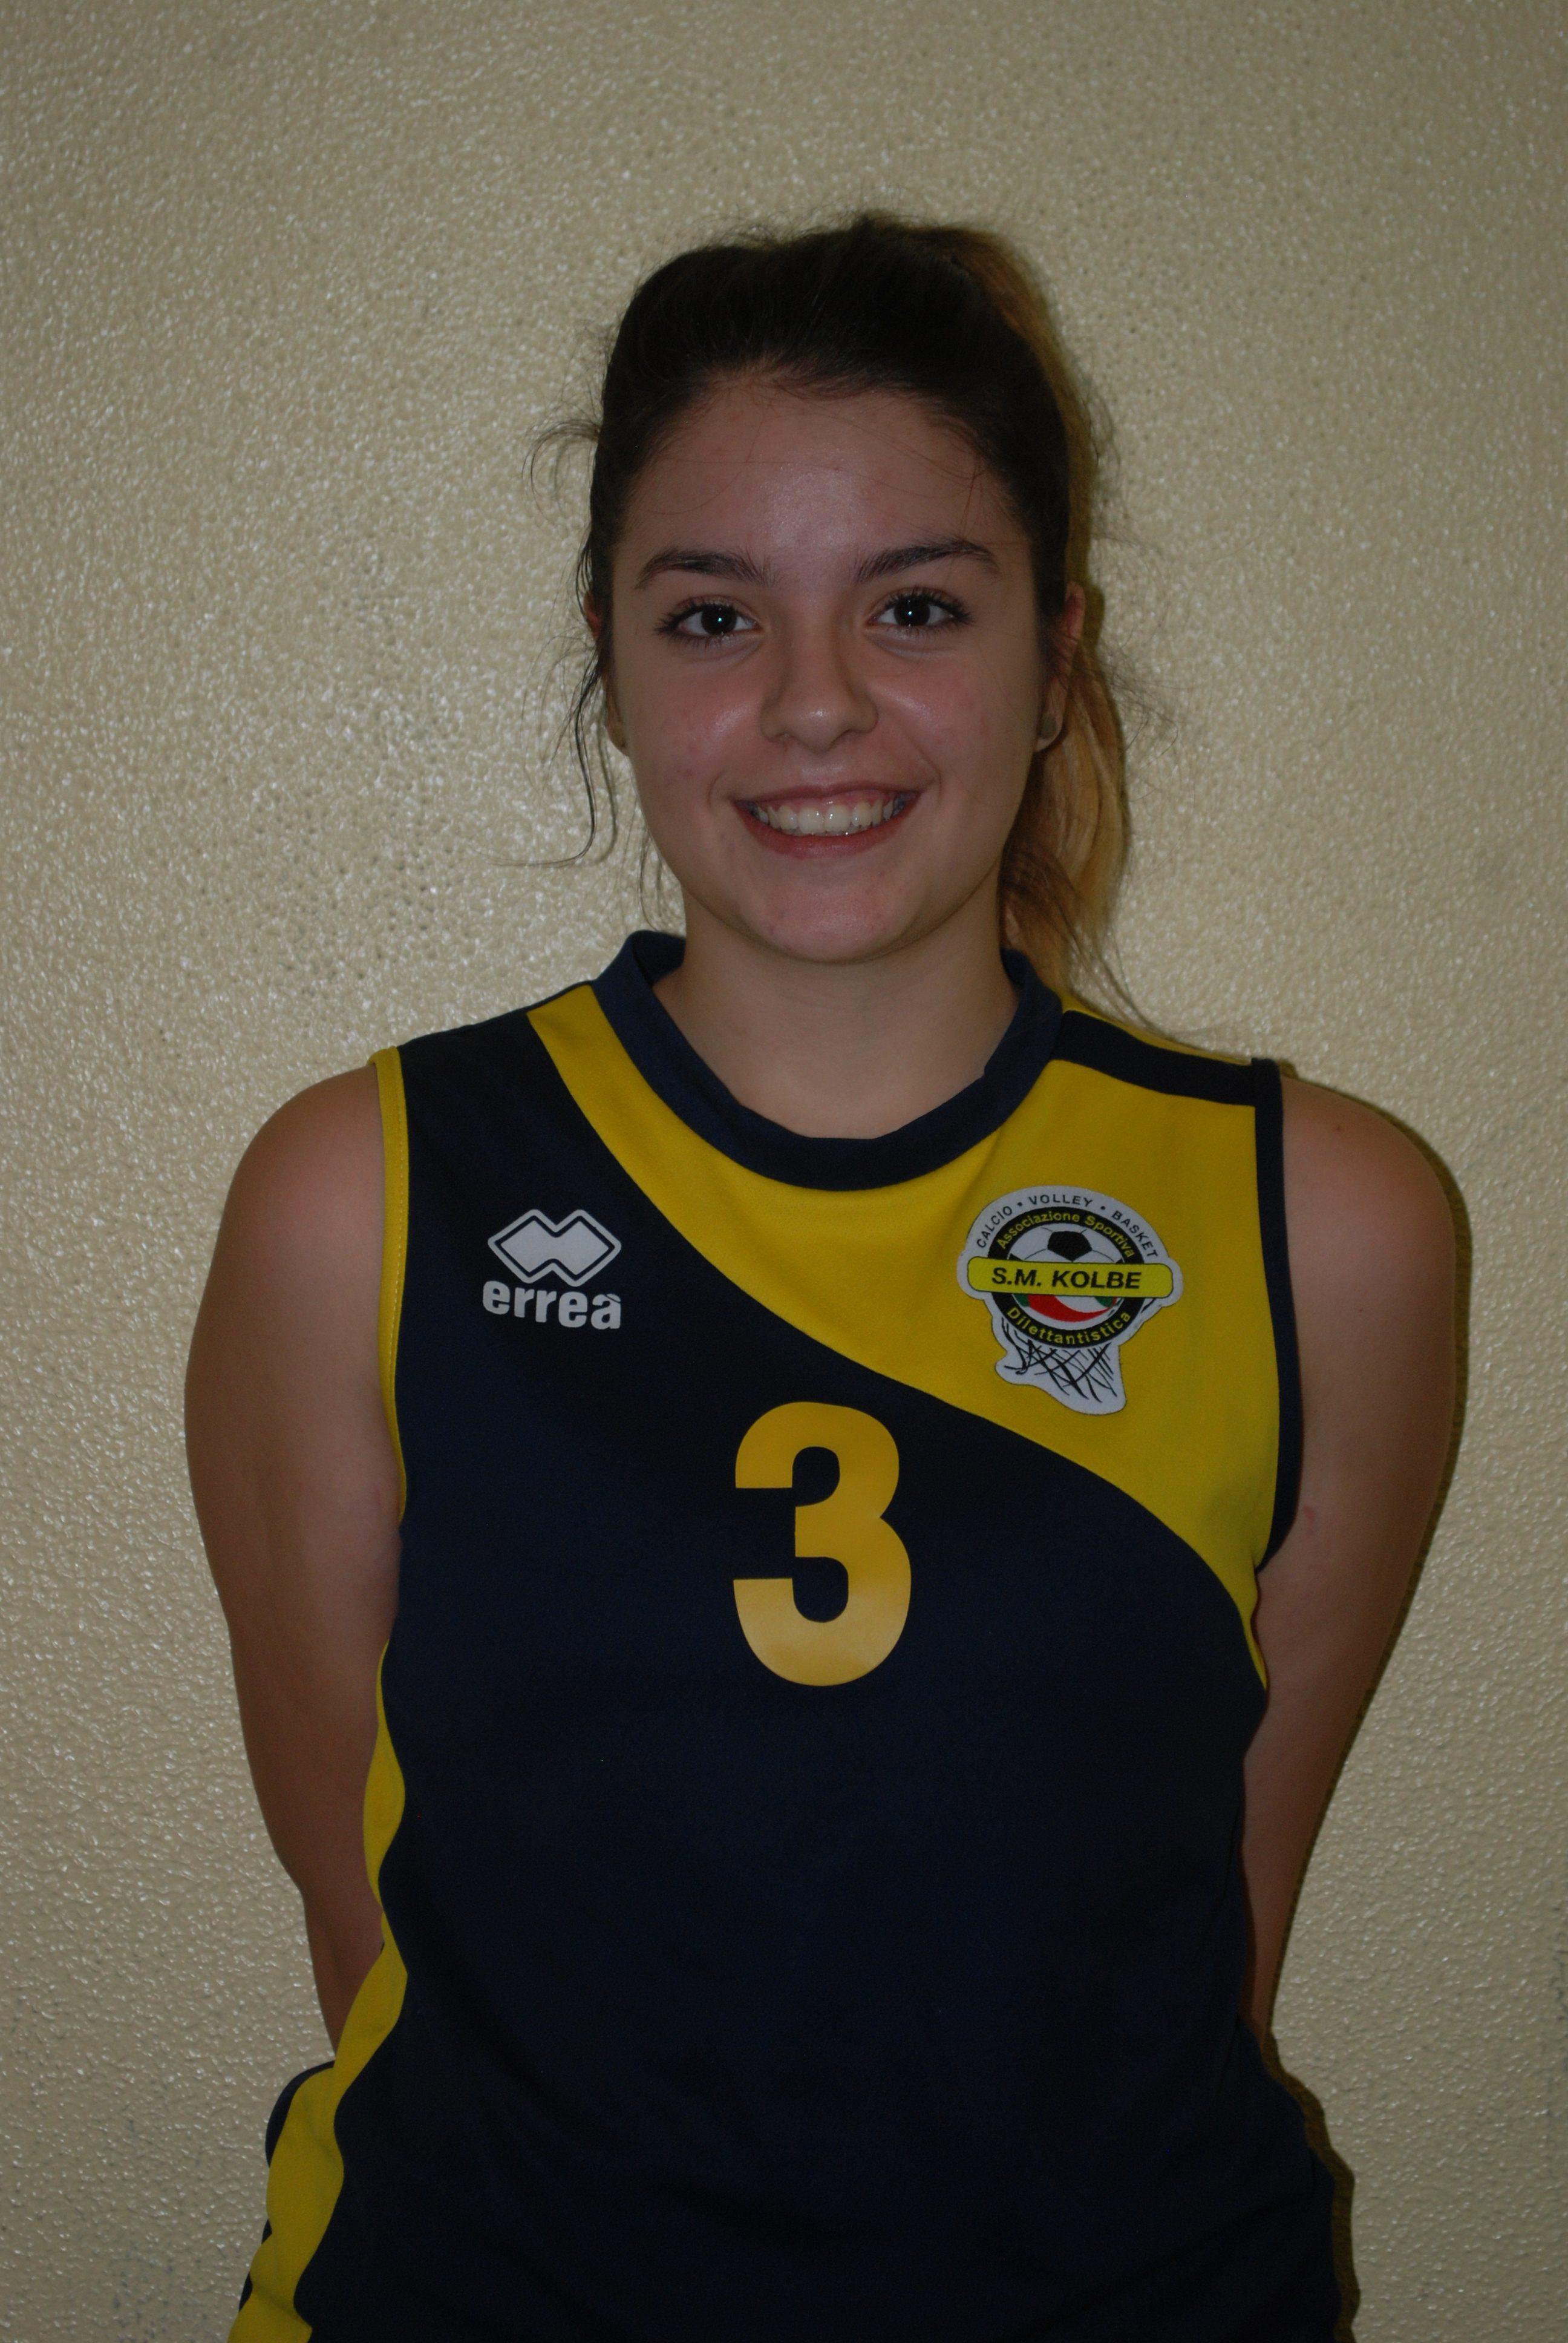 2 Kimberly Zanellato